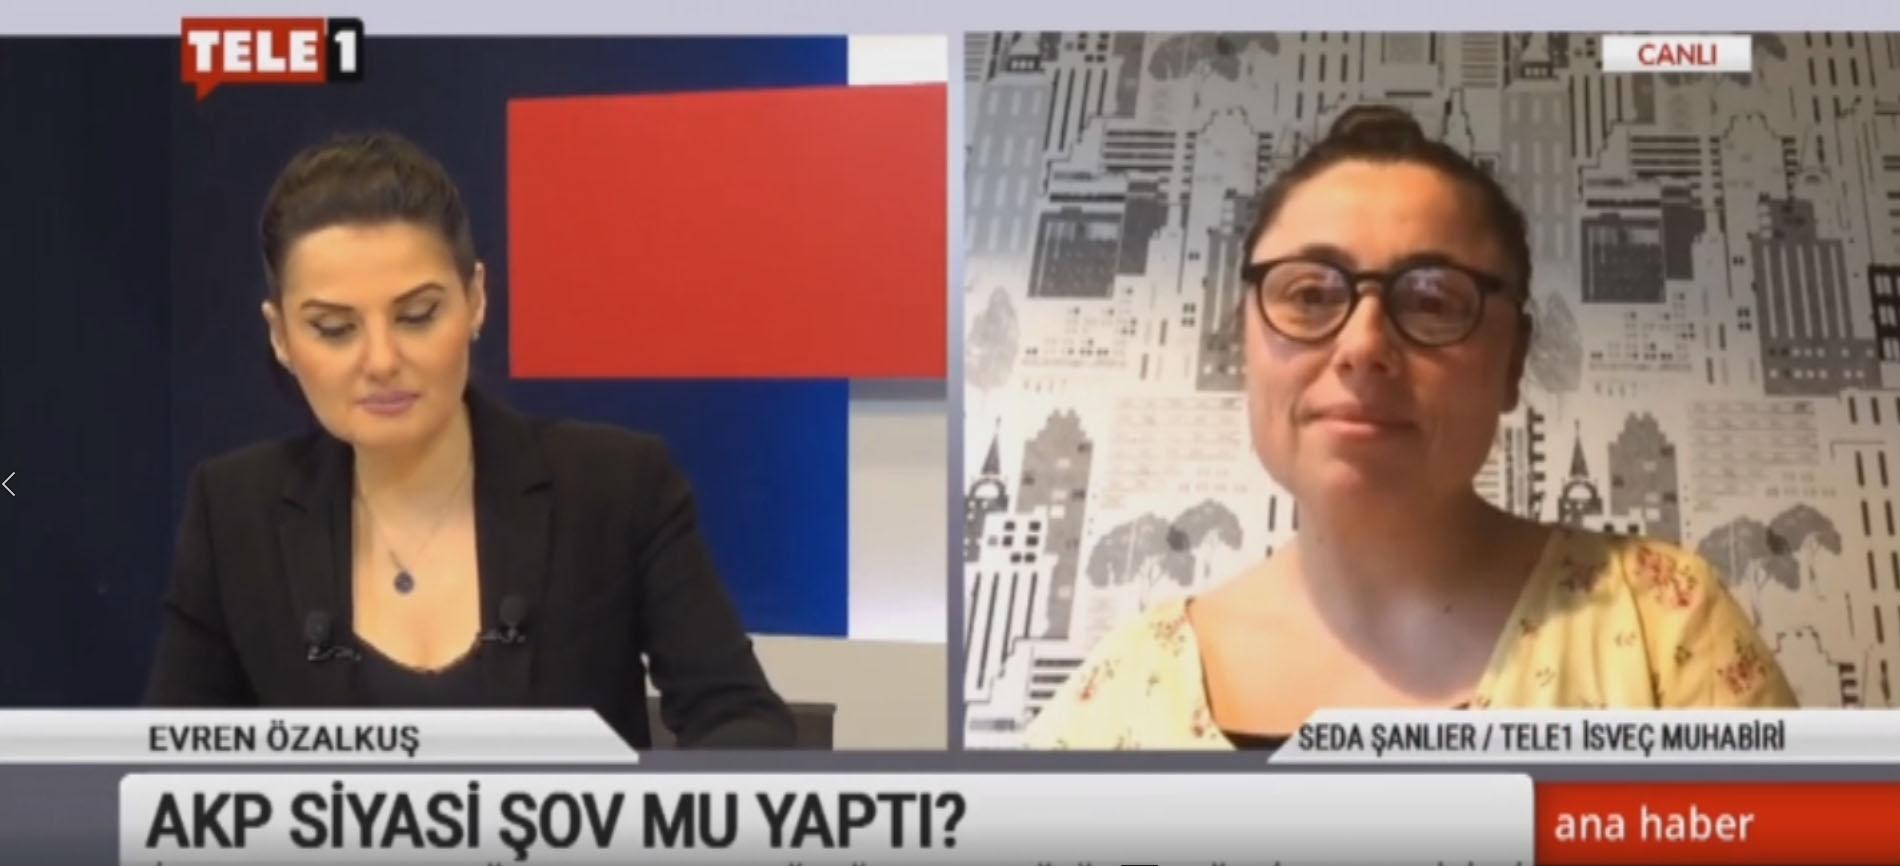 İsveç'ten getirilen hasta, AKP'nin siyasi şovu muydu? Tele1 İsveç muhabiri Seda Şanlıer açıkladı